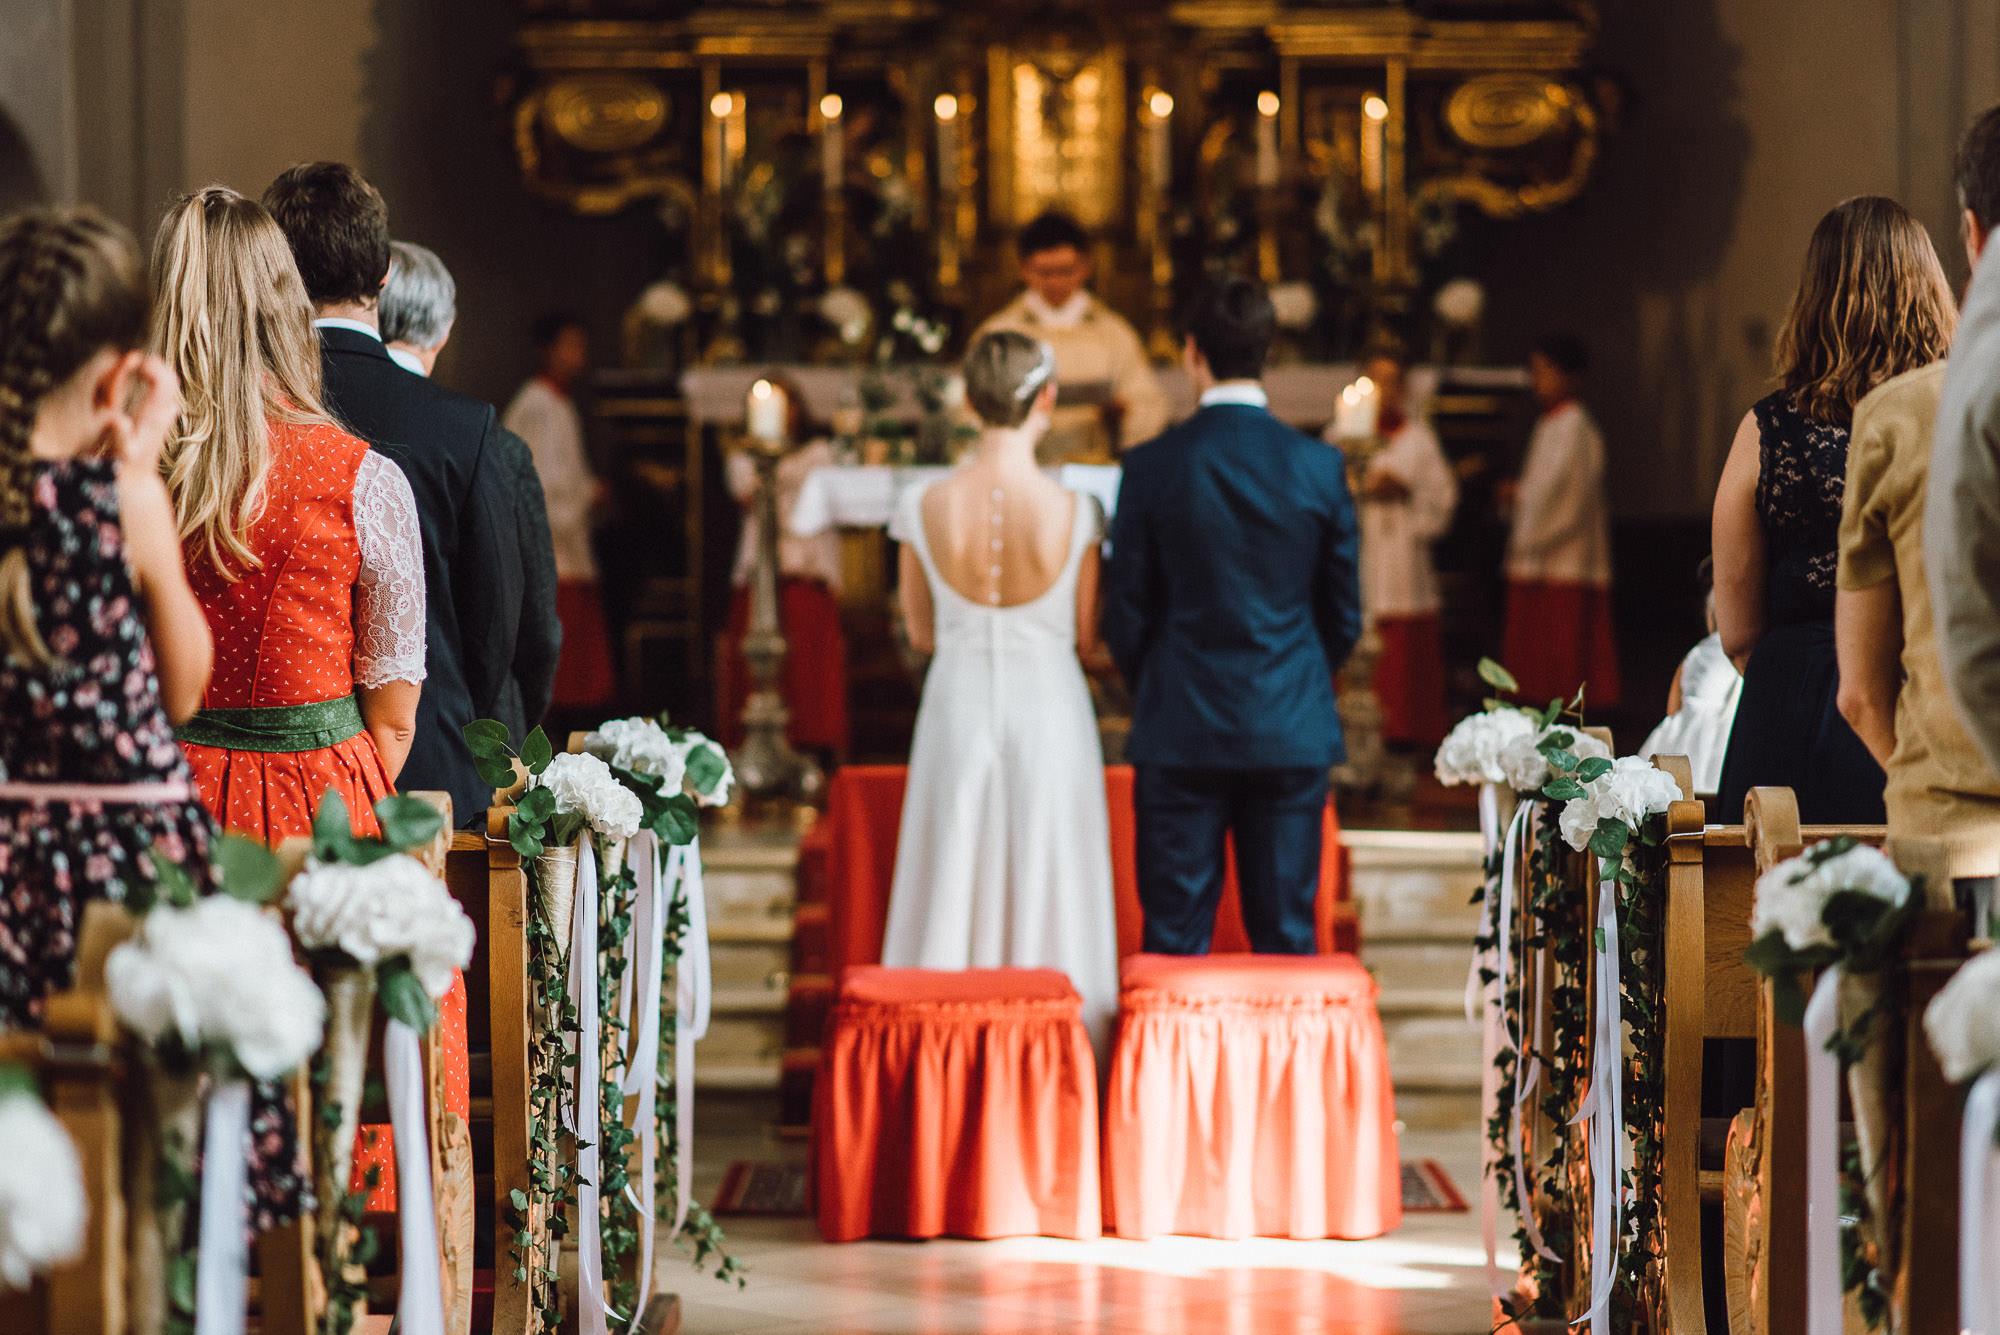 greenery-wedding-hochzeit-prielhof-sukkulenten-scheyern-lauraelenaphotography-051